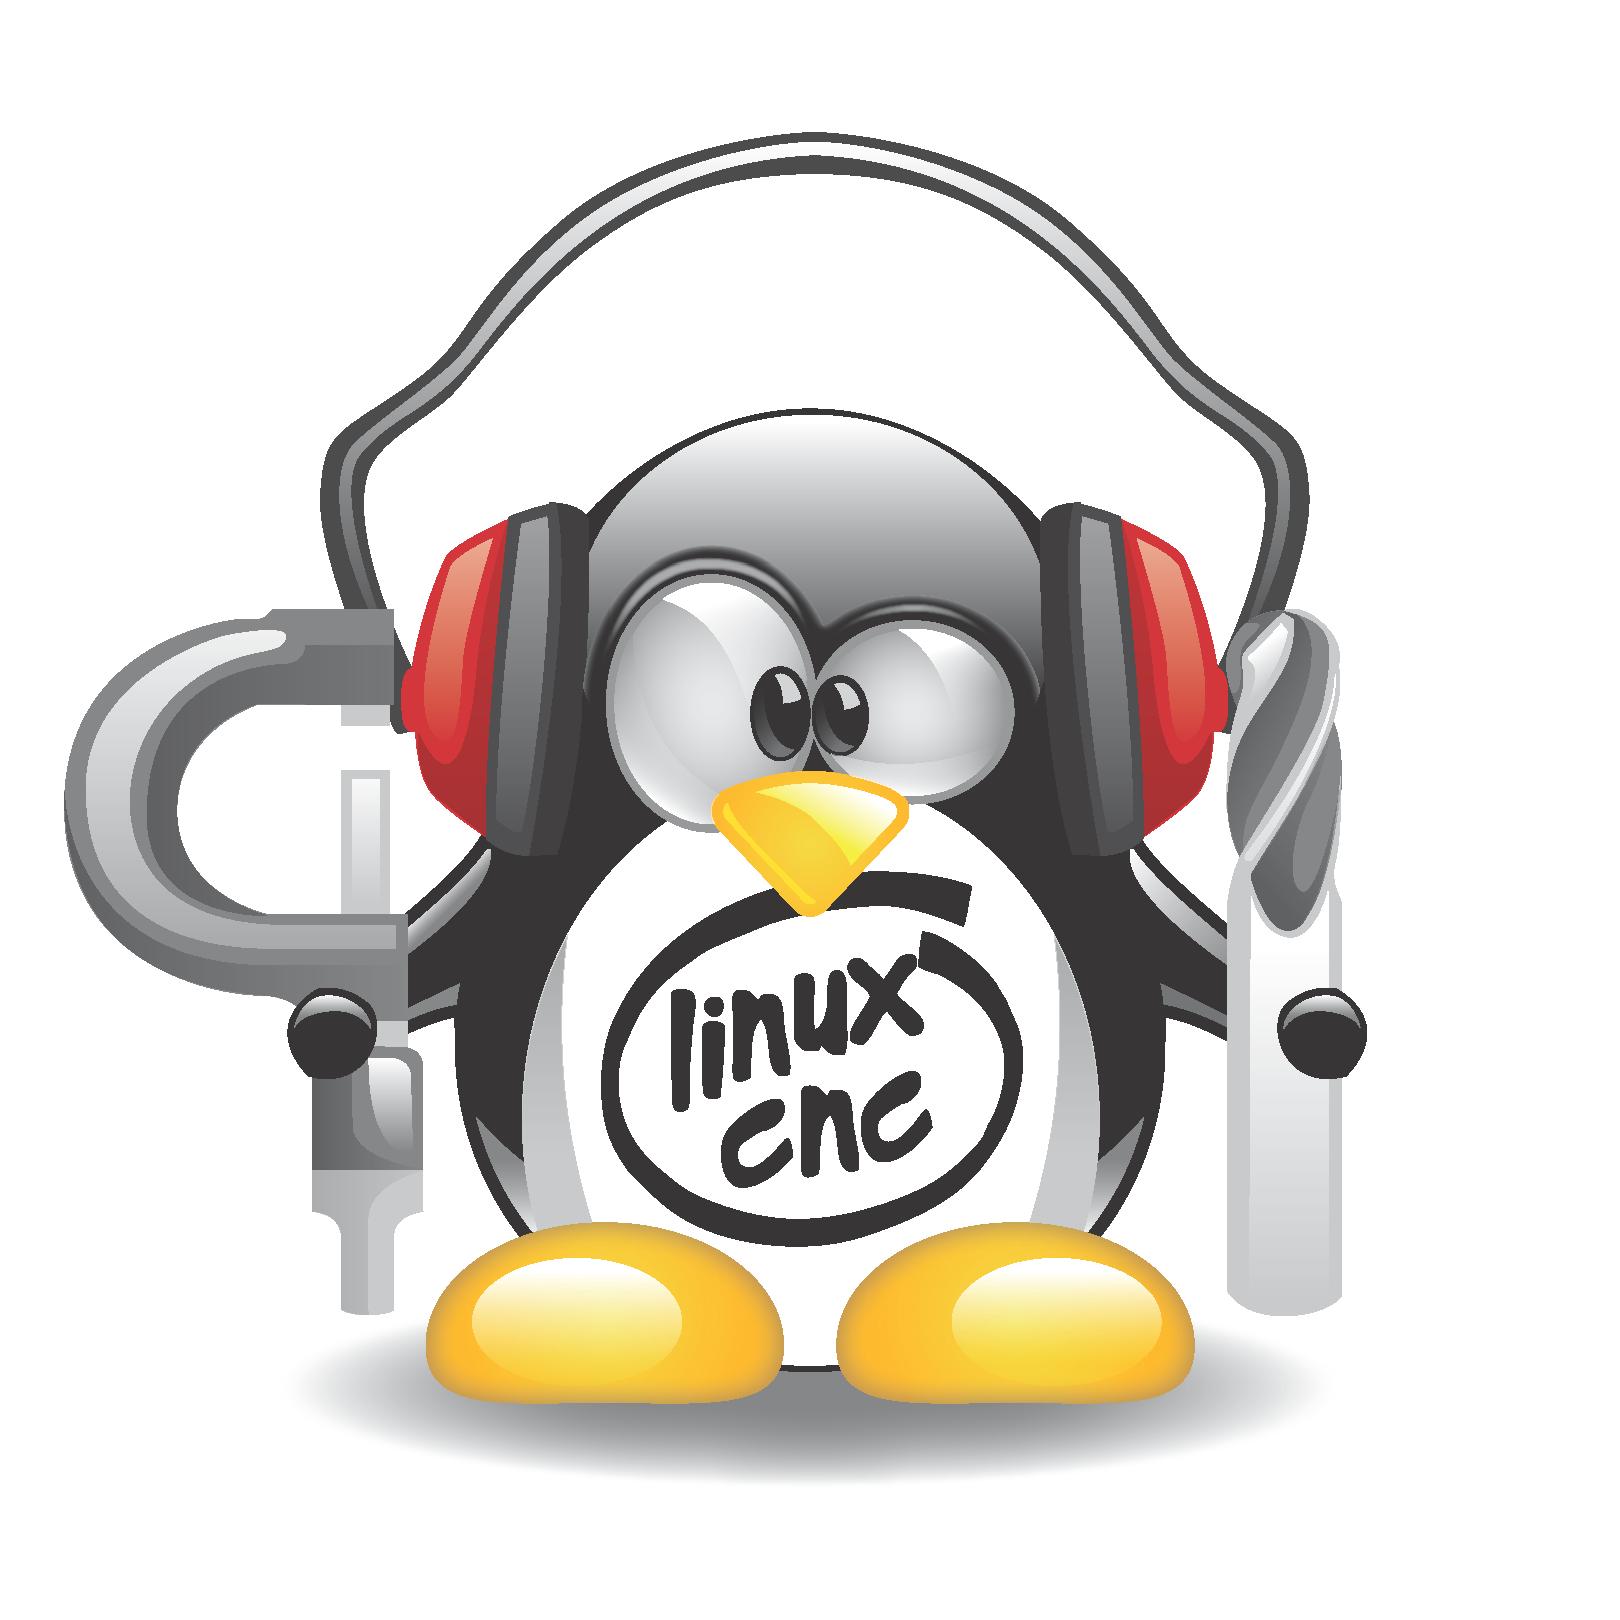 LinuxCNC_mascot2.png